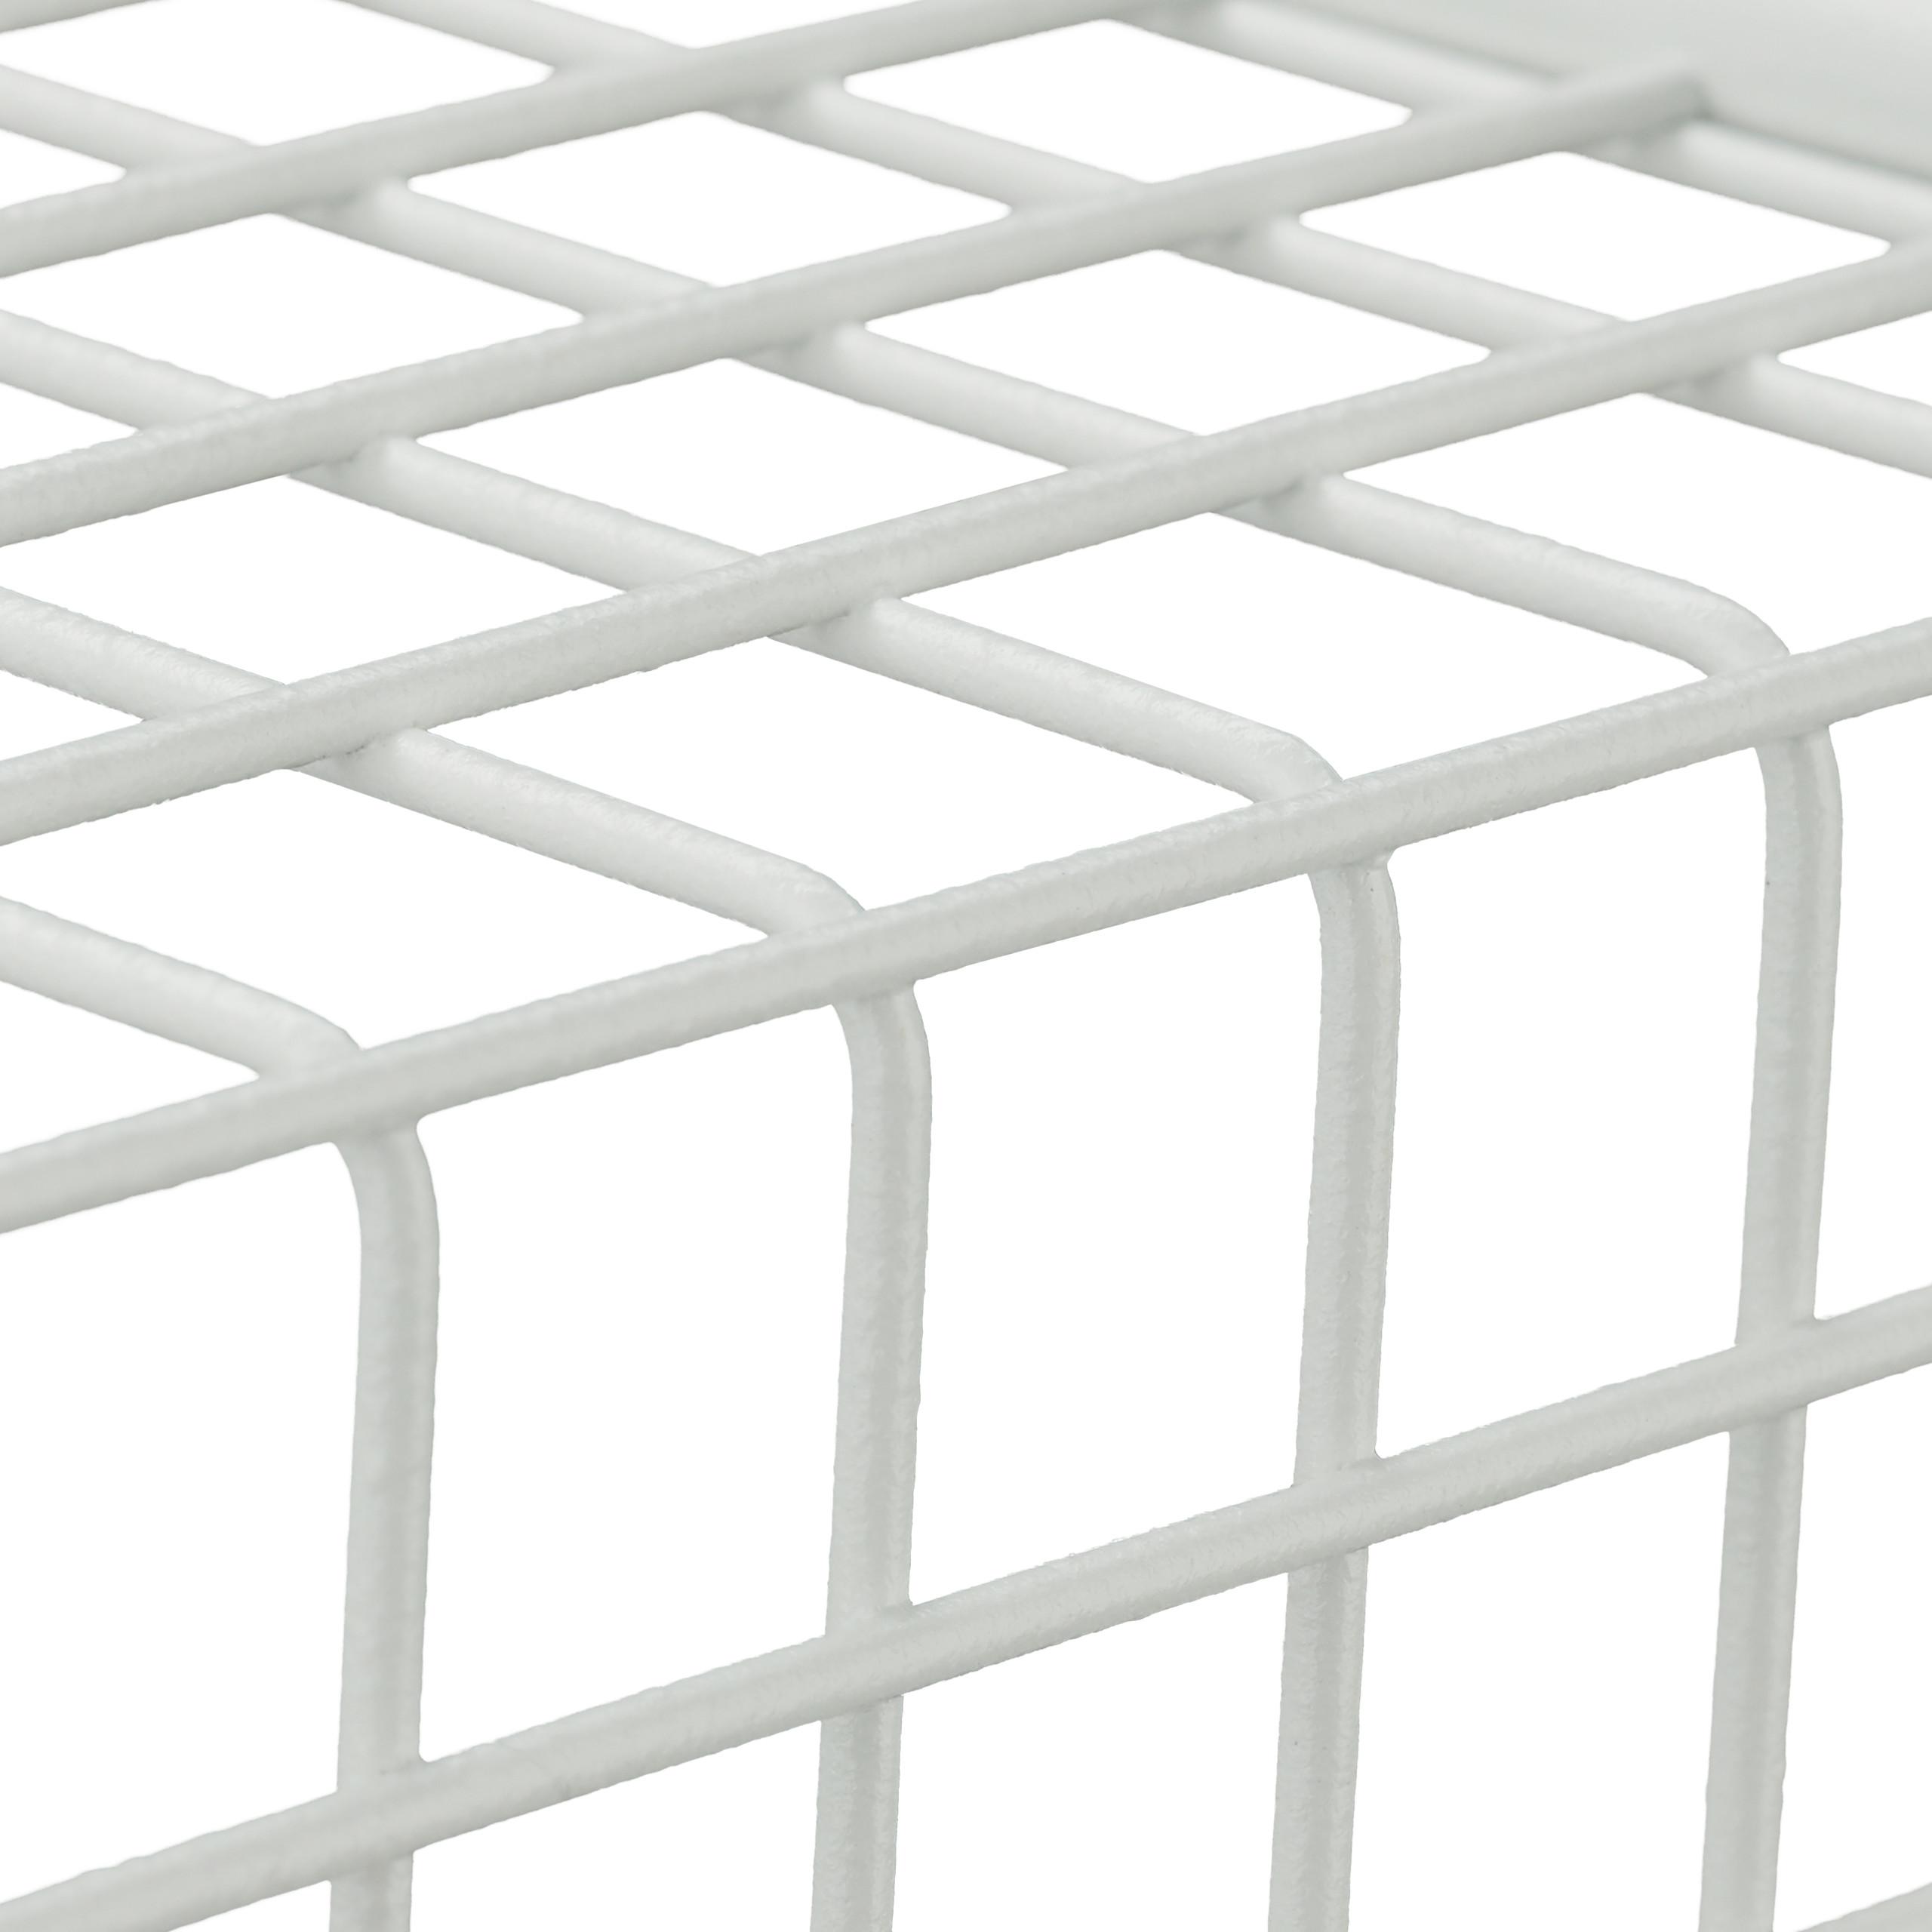 Wandregal 3er Set Draht Schweberegal Wandboard Cube Regal Gitter Hängeregal